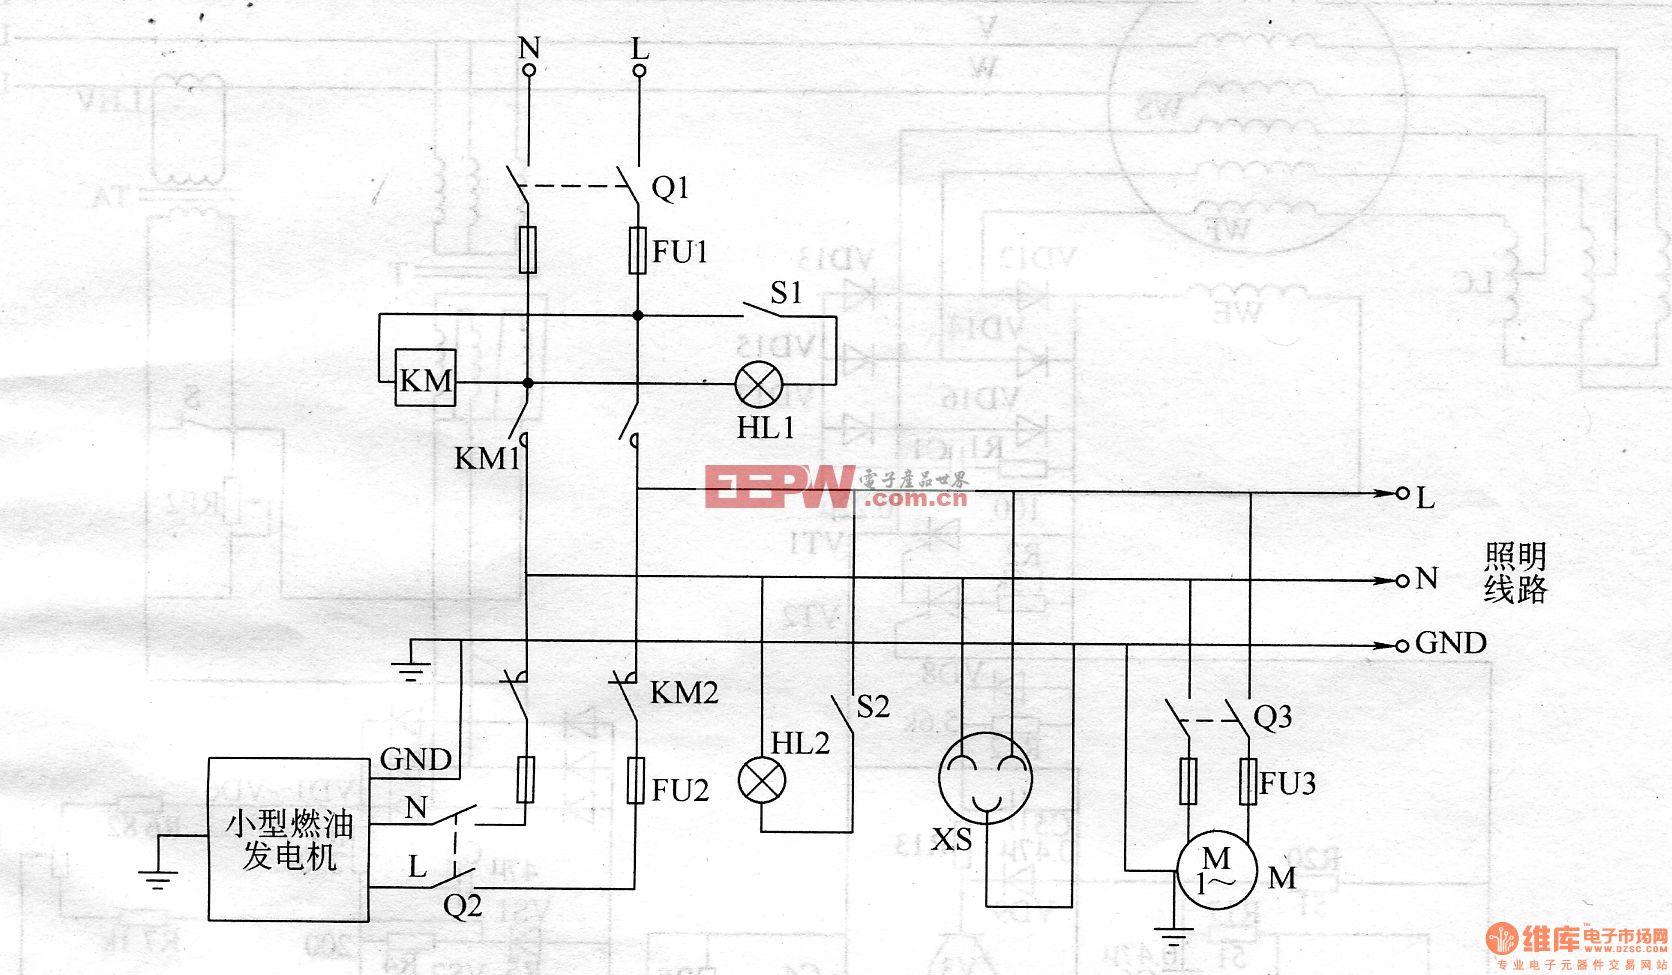 自动切断发电机的输出供电线路